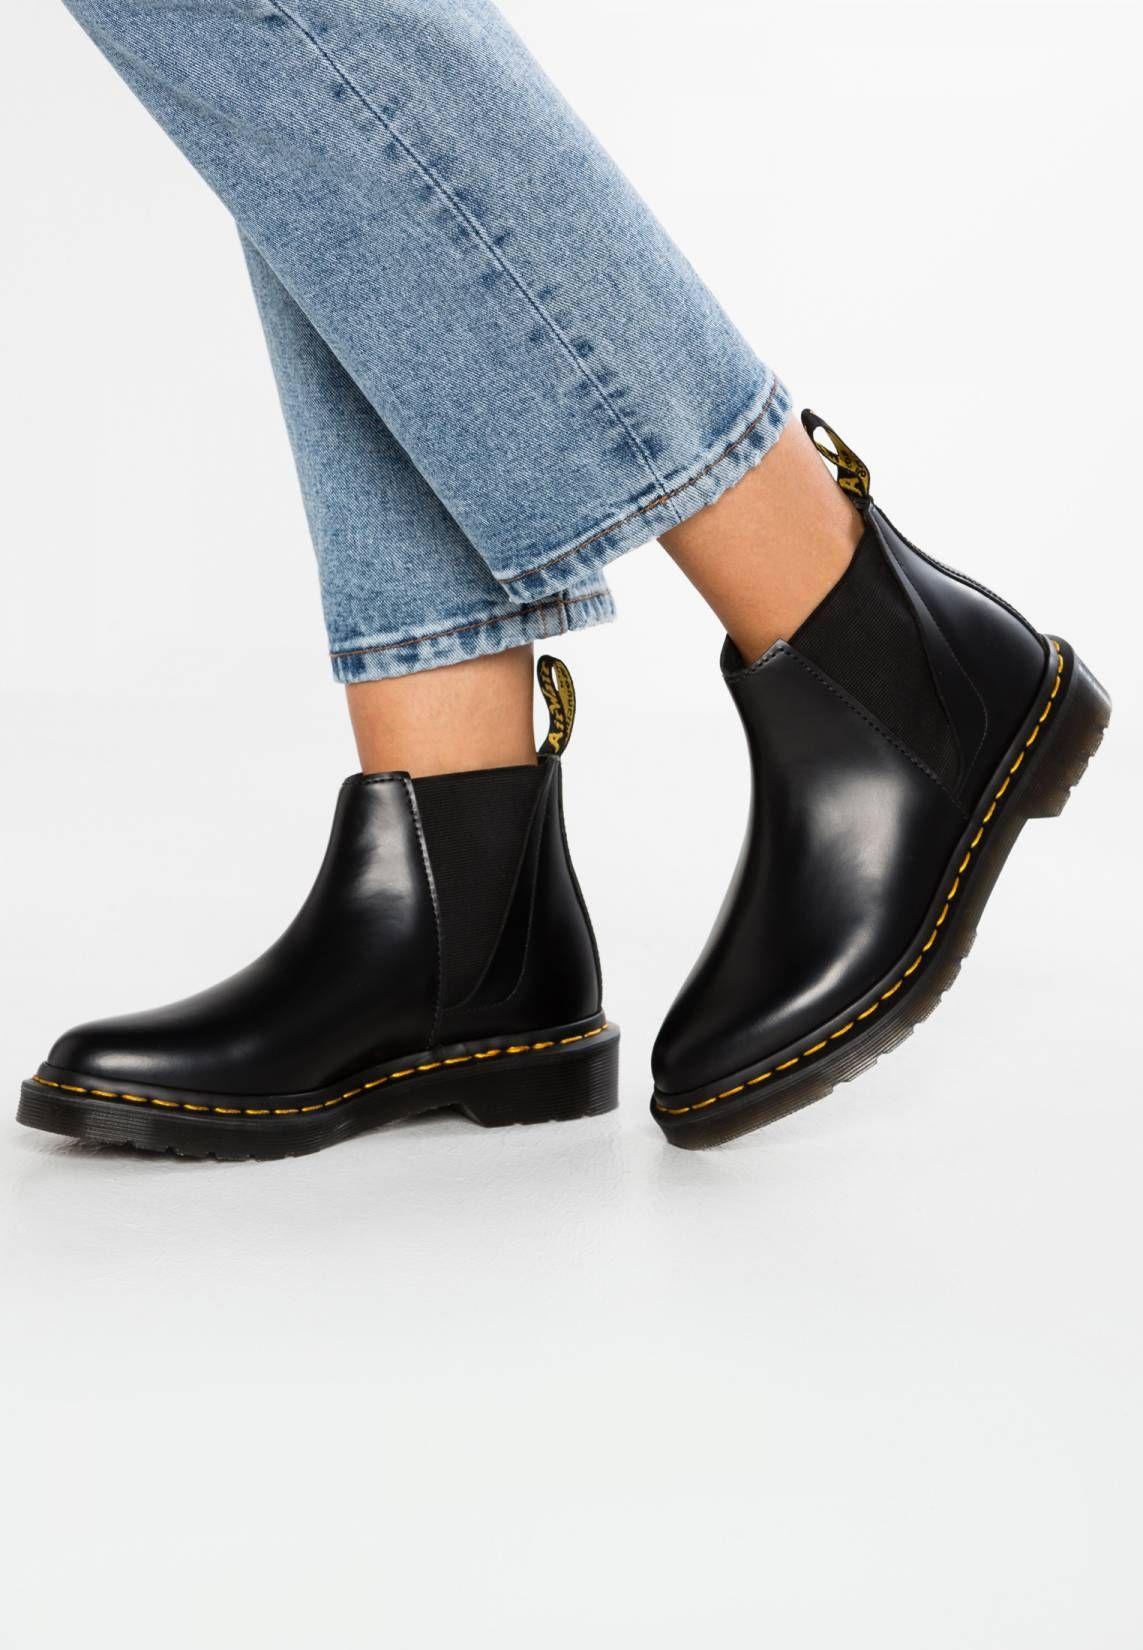 BIANCA SMOOTH CHELSEA | Boots, chaussures et accessoires en